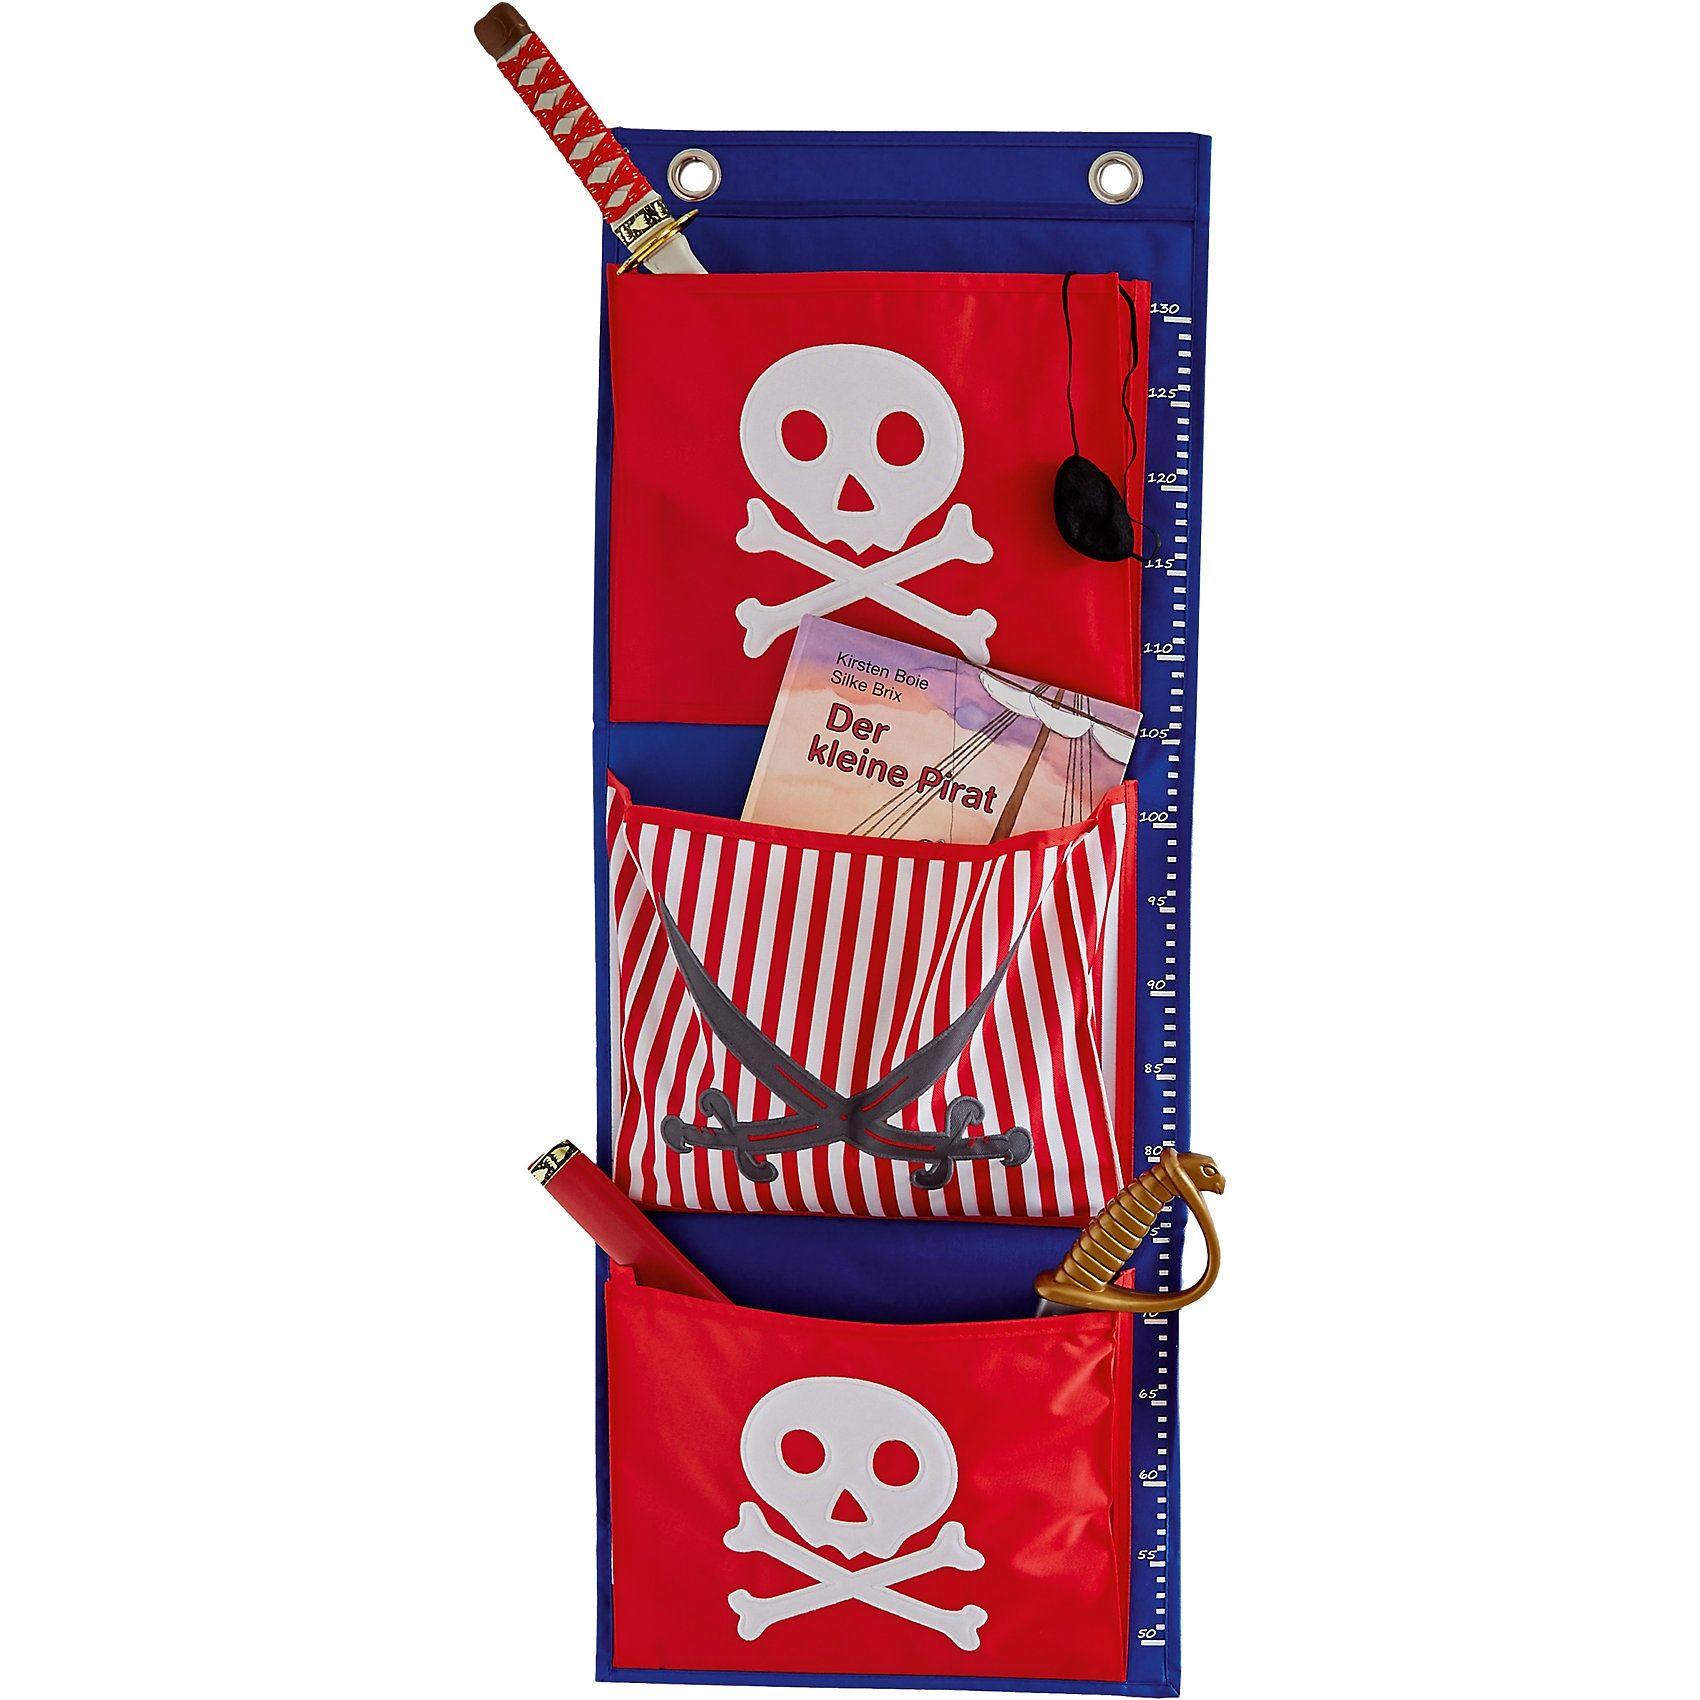 Hängeaufbewahrung Pirat, rot/blau